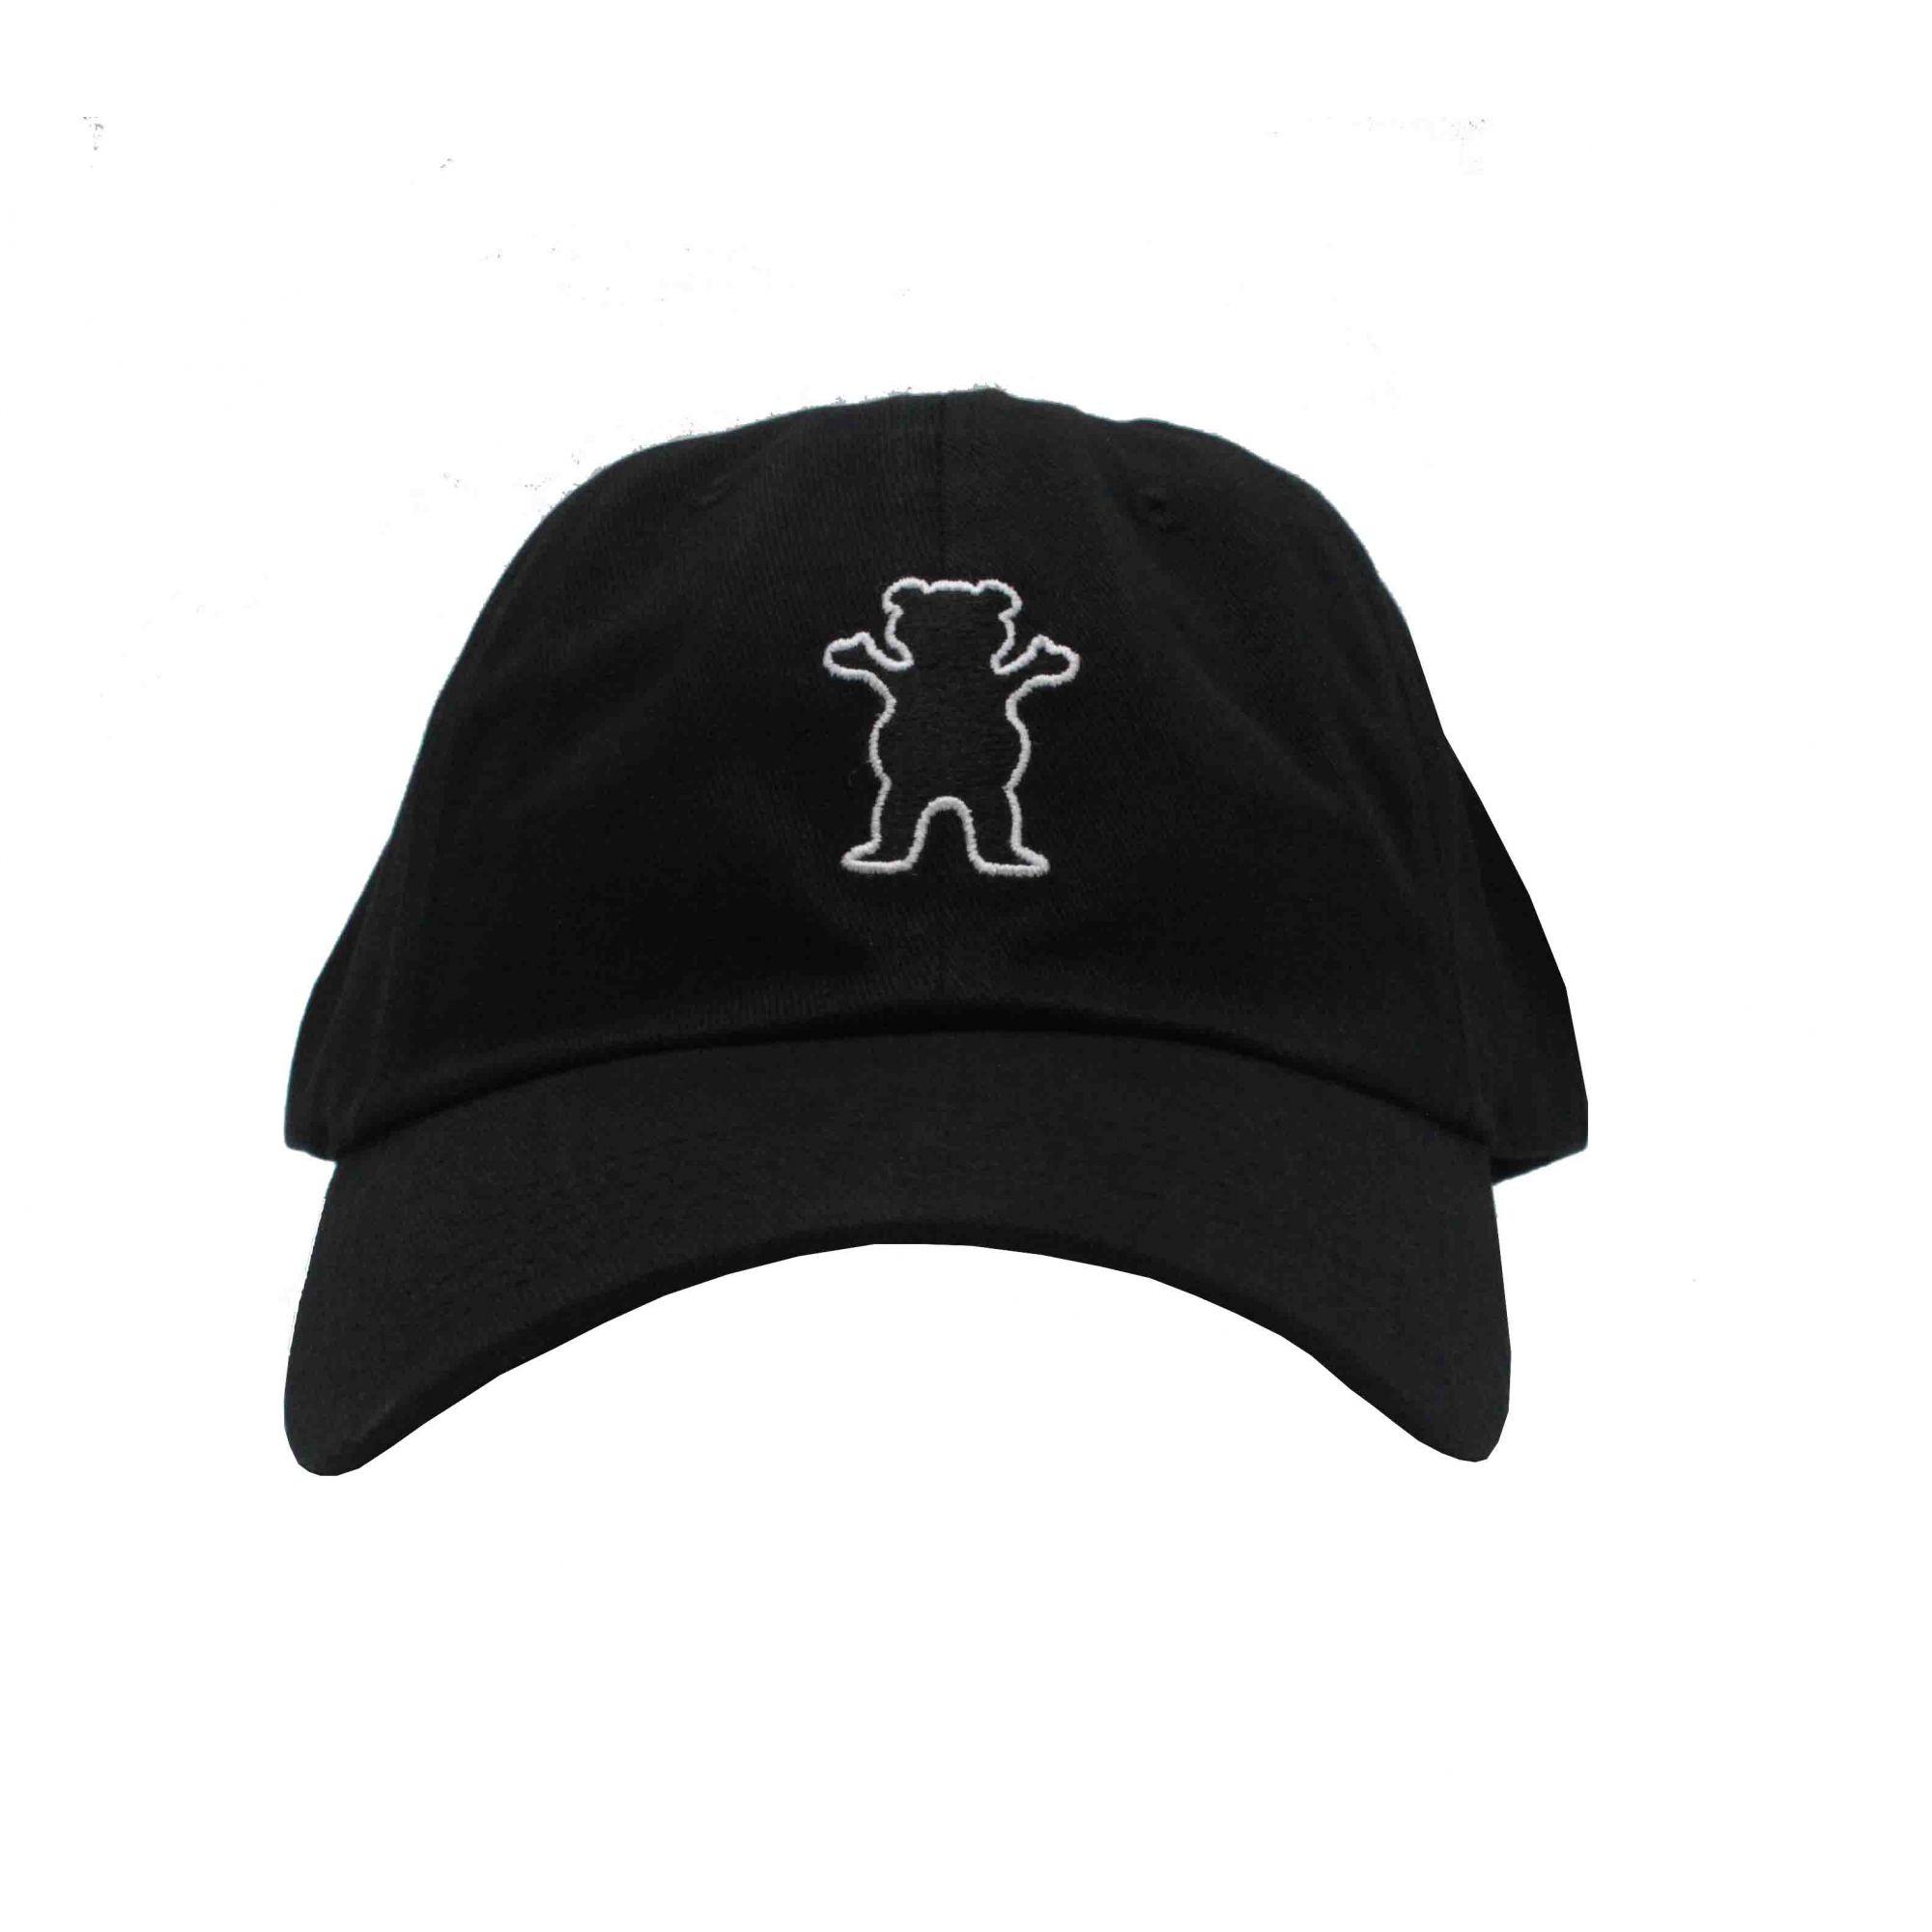 Boné Grizzly Dad Hat OG Bear - Preto